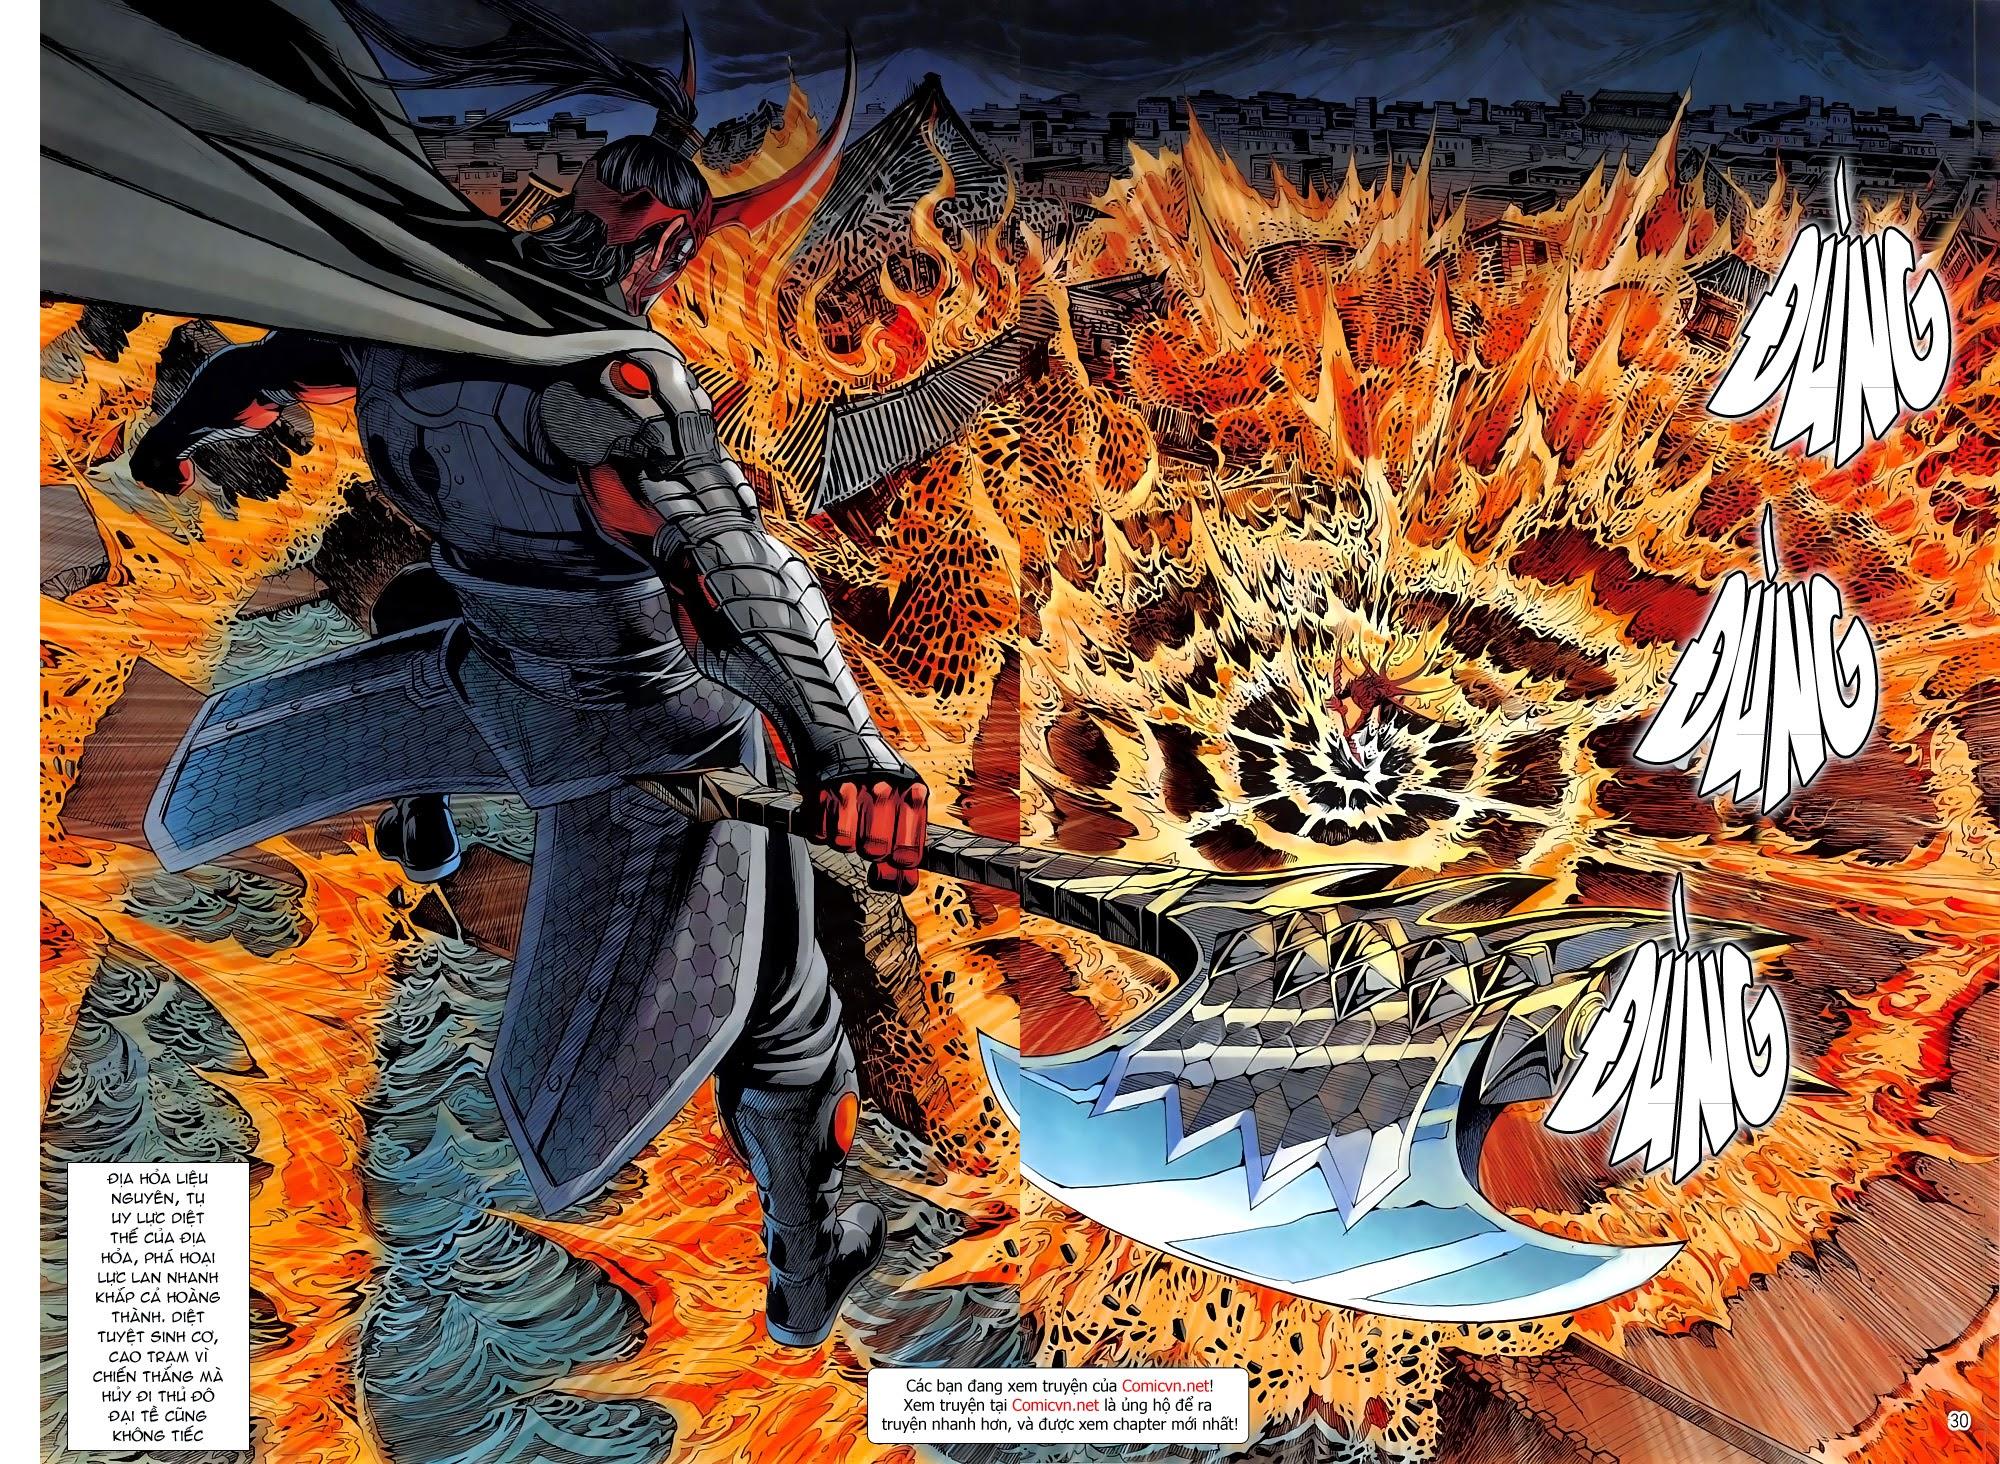 Chiến Phổ chapter 5: lôi hỏa kinh thiên chiến trang 29